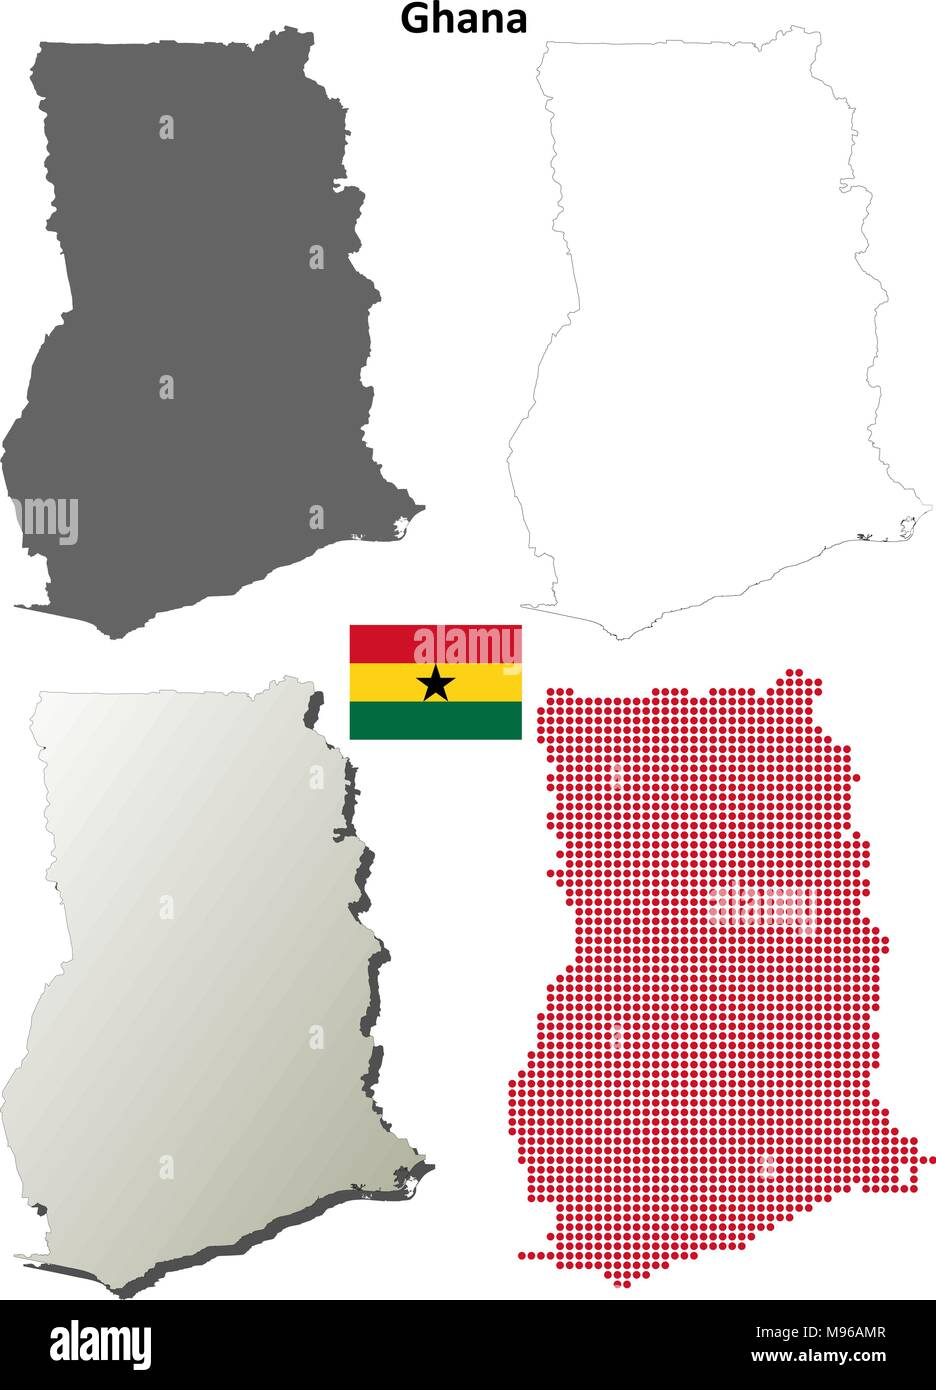 Ghana outline map set  - Stock Vector